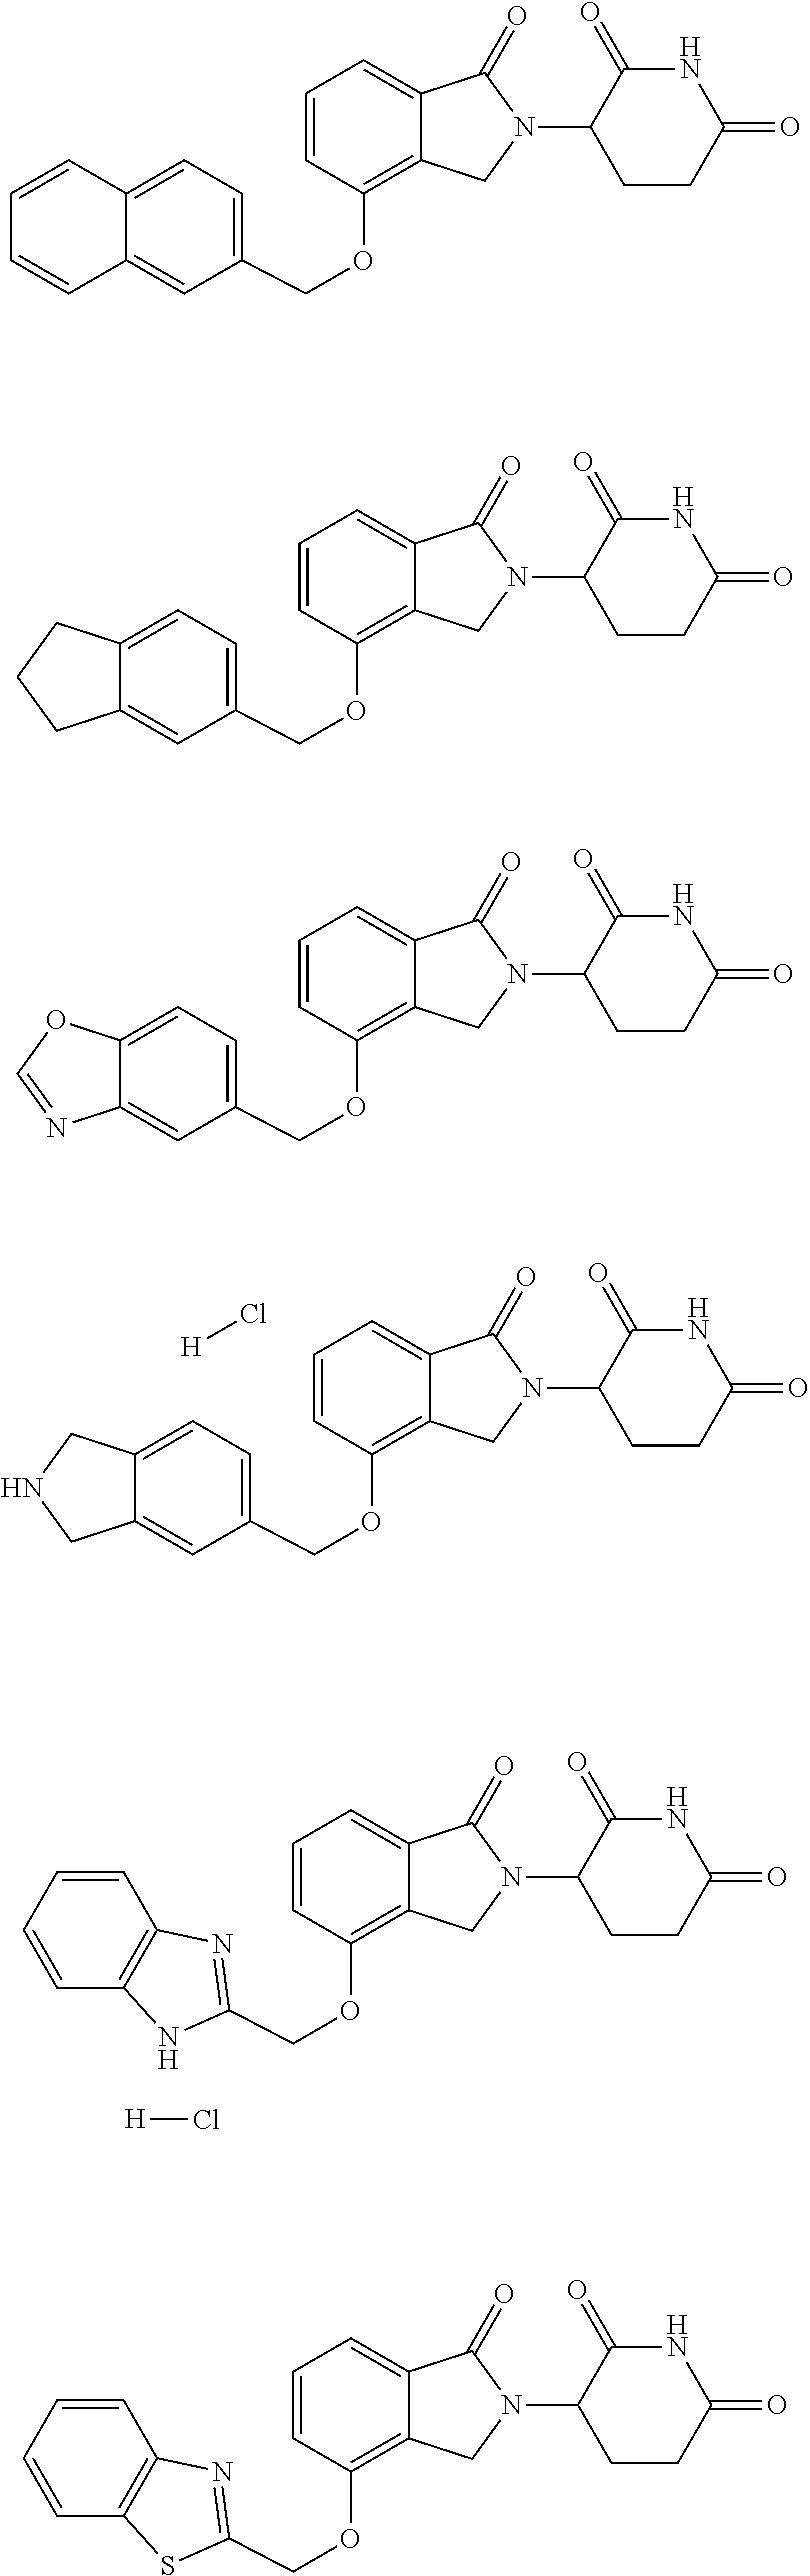 Figure US20110196150A1-20110811-C00028